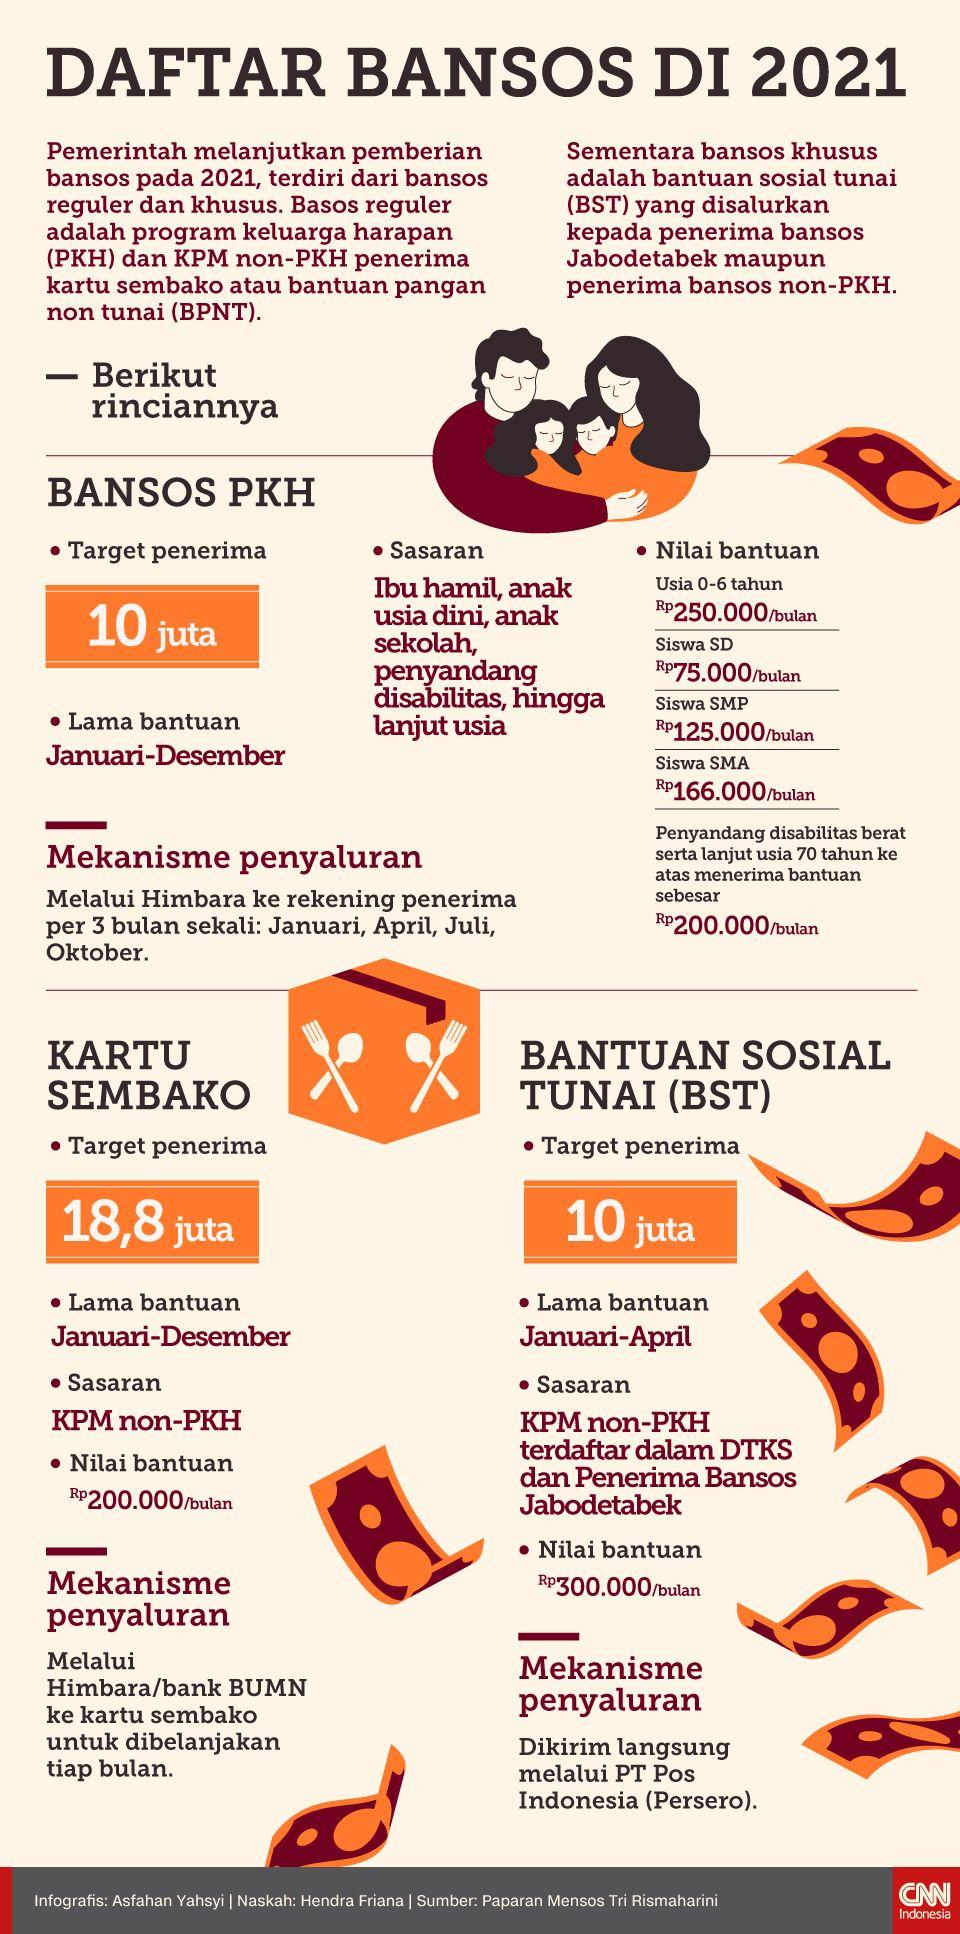 Infografis Daftar Bansos di 2021